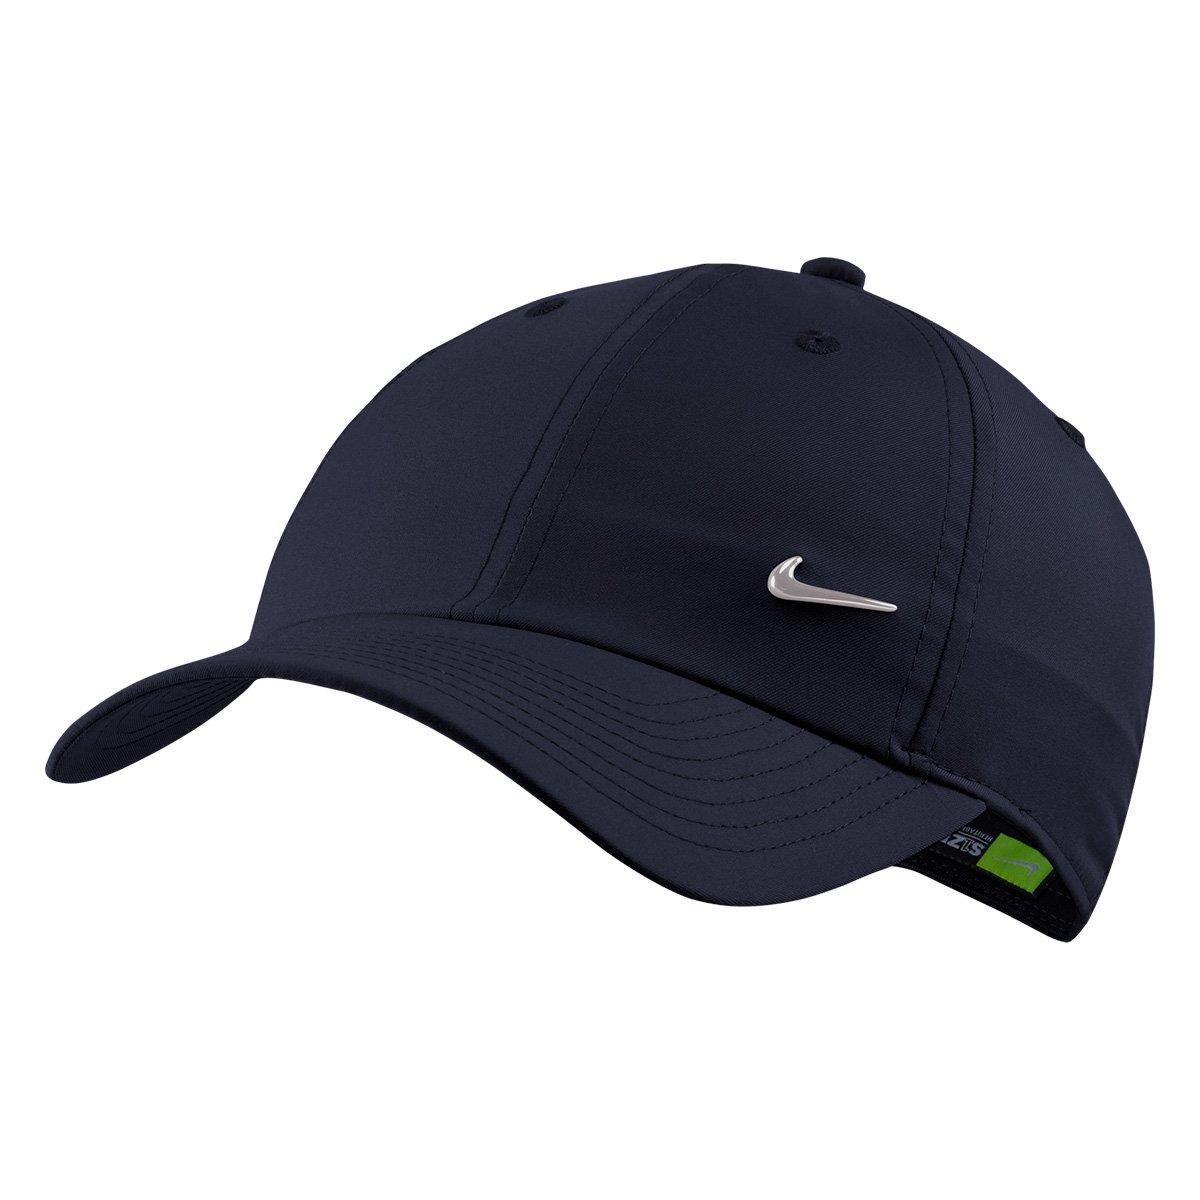 e08bbfcf8d272 Boné Nike Aba Curva H86 Metal Swoosh